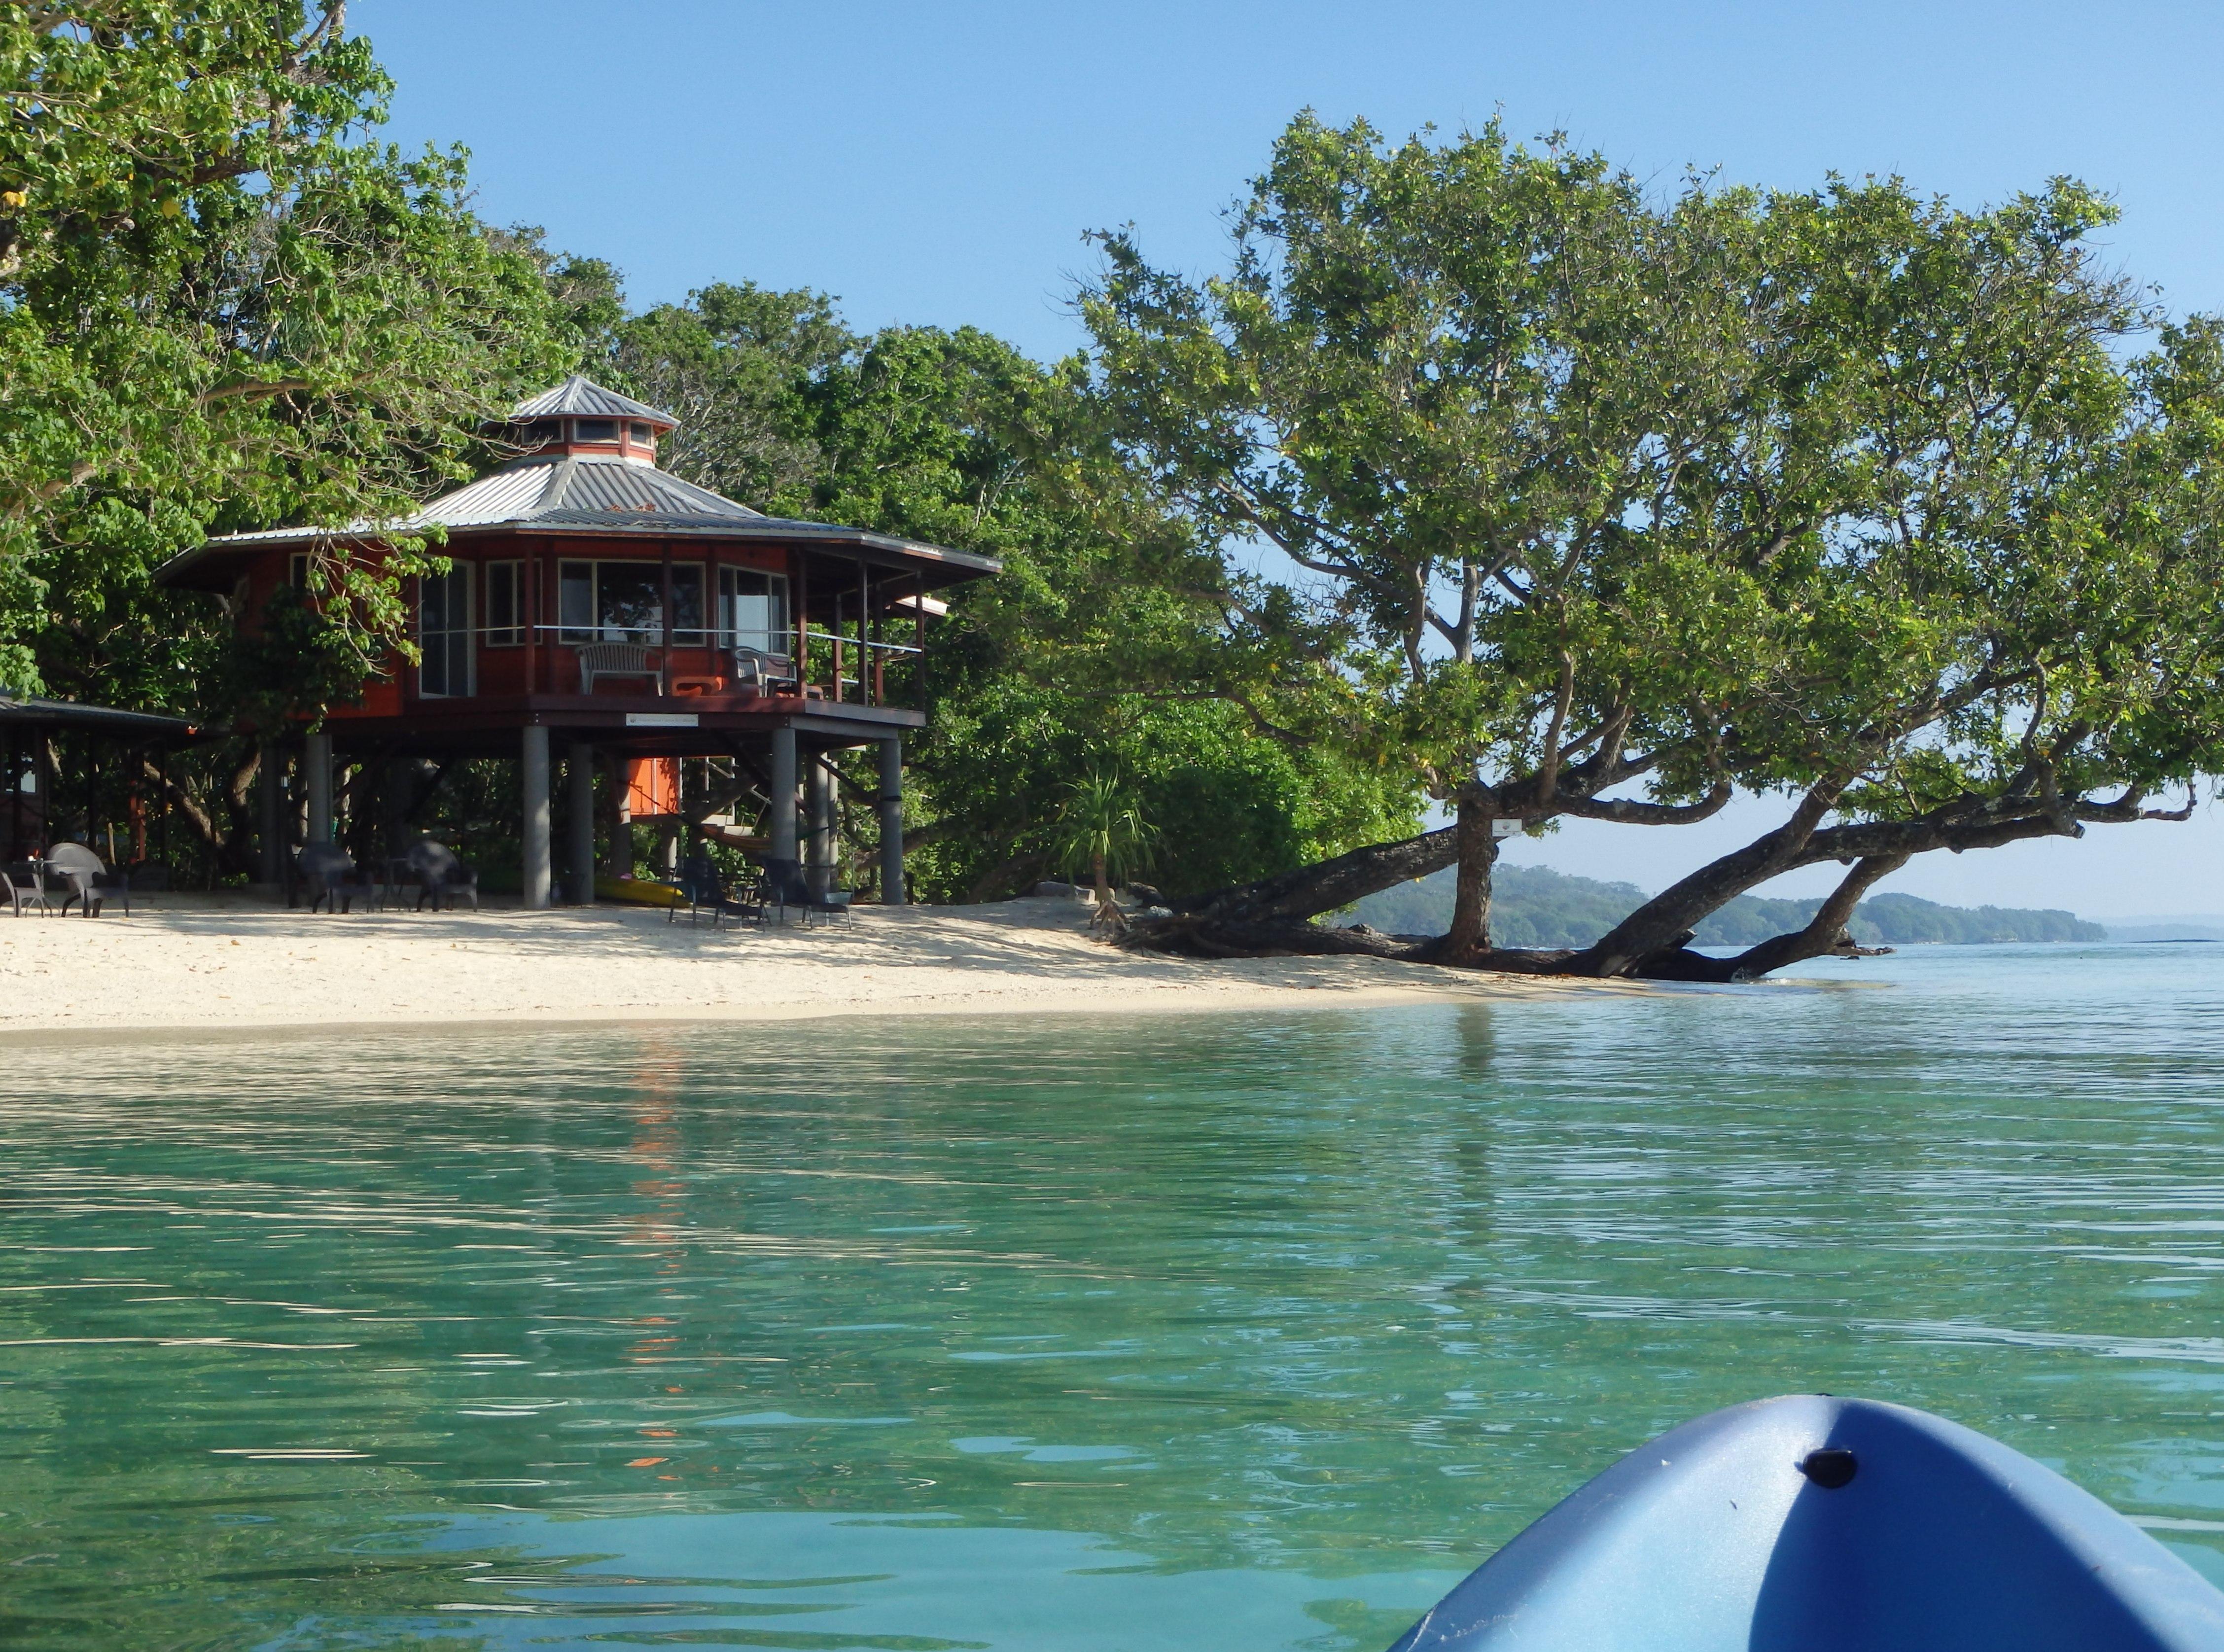 Frangipani Beach Cabana